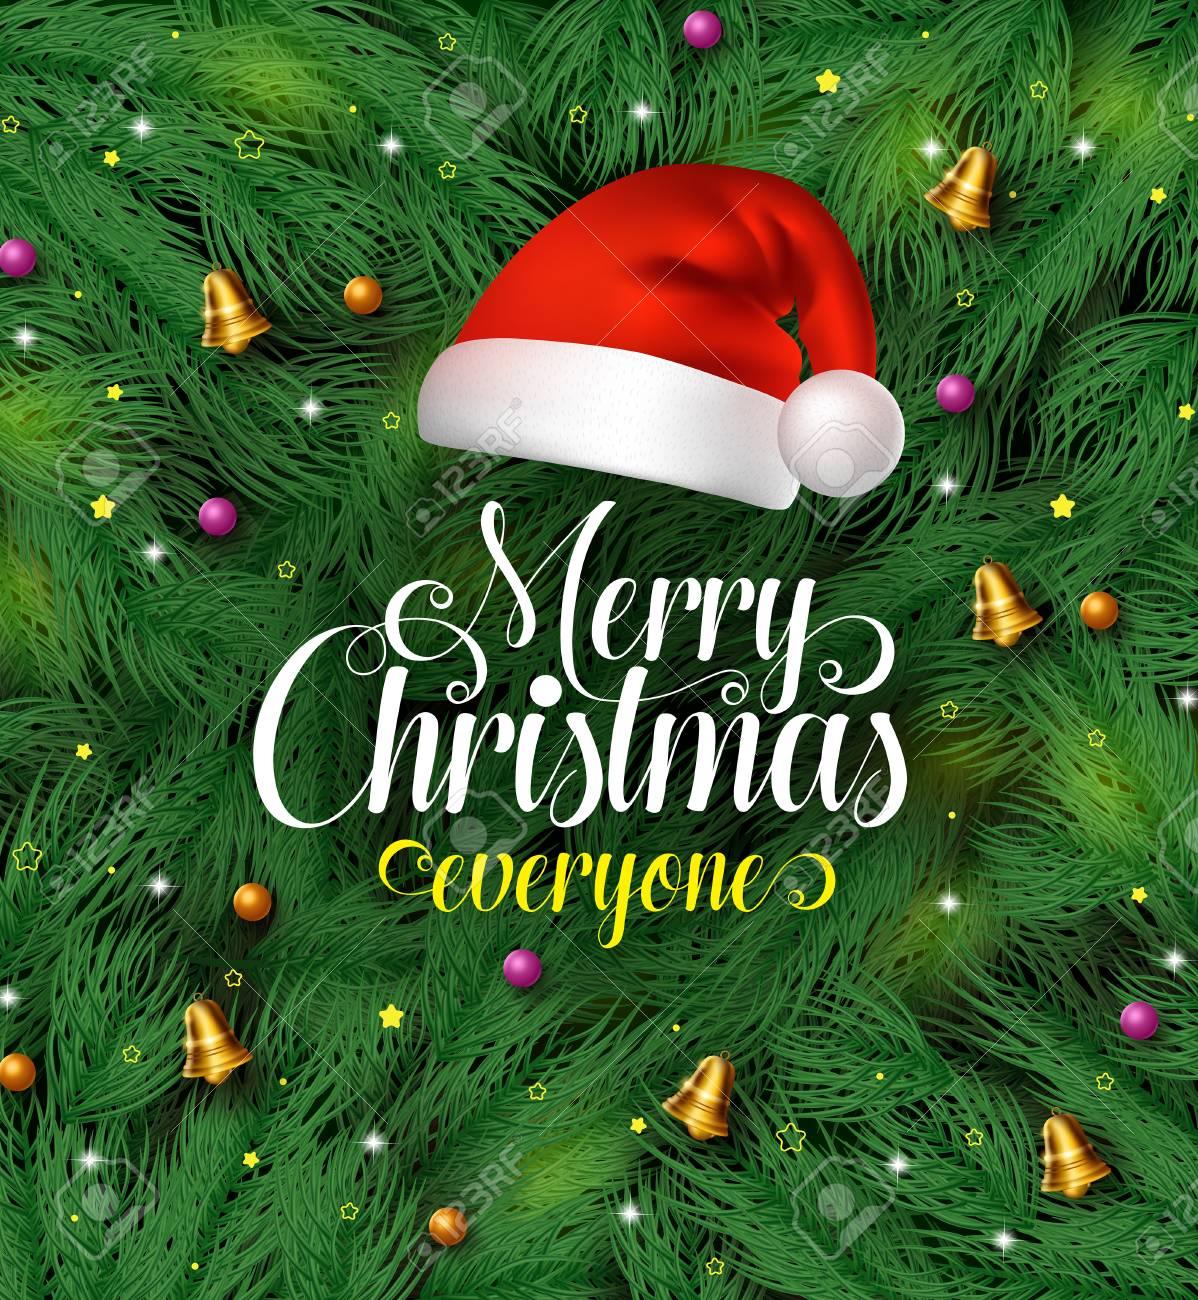 Weihnachten Grüße Bilder.Stock Photo